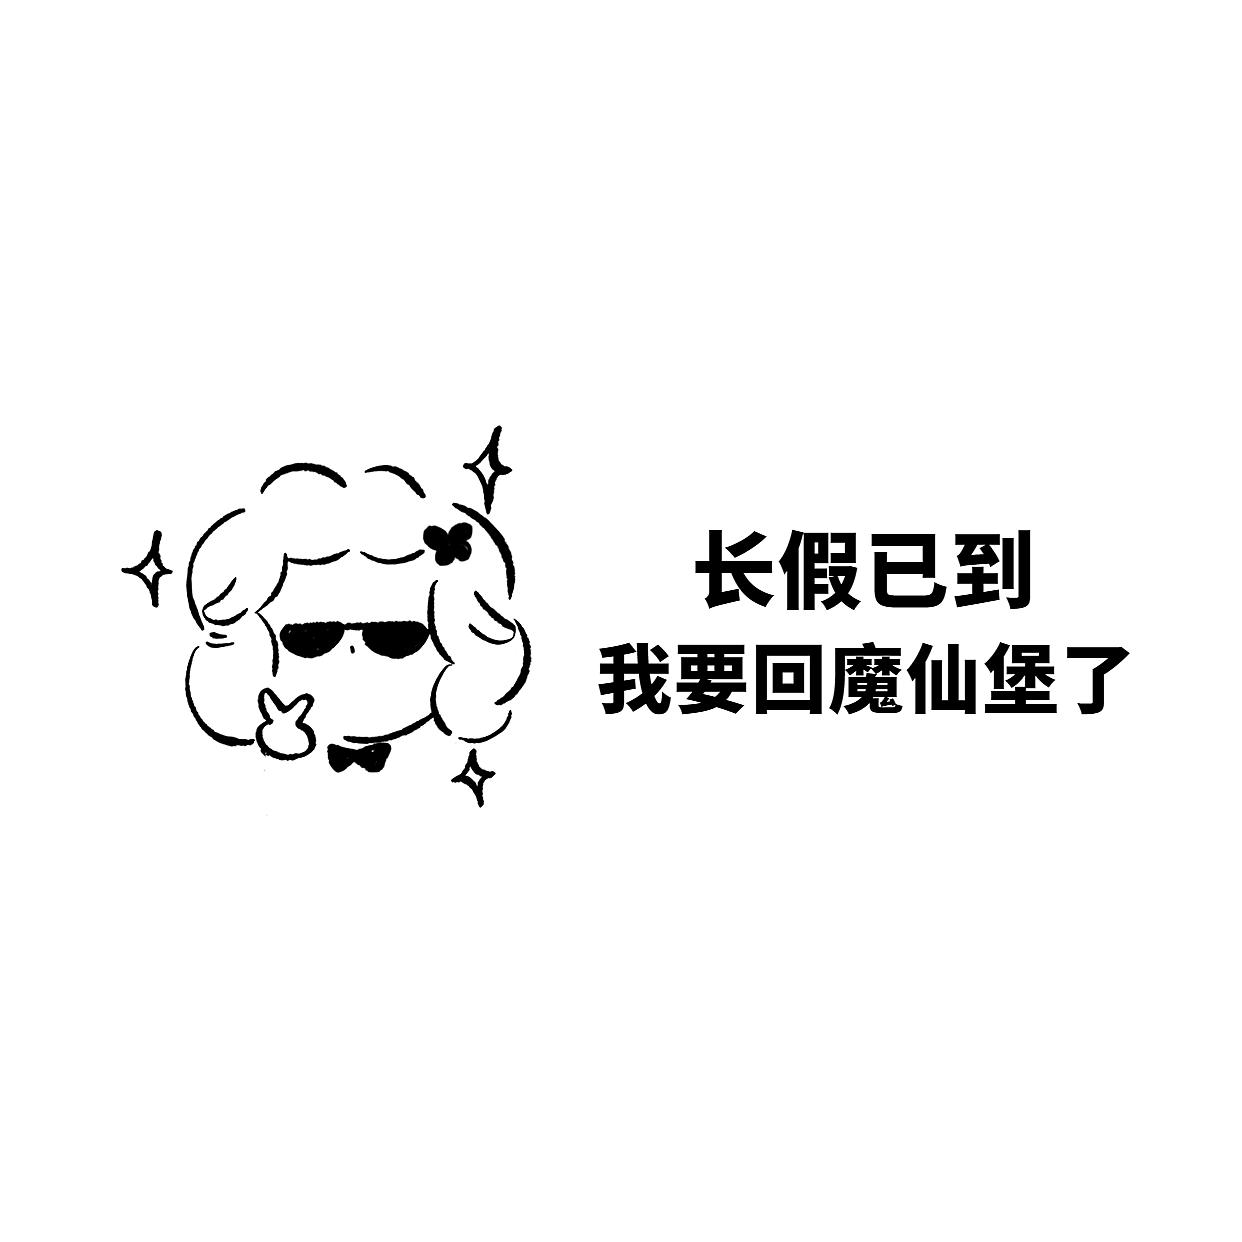 国庆节微信朋友圈背景